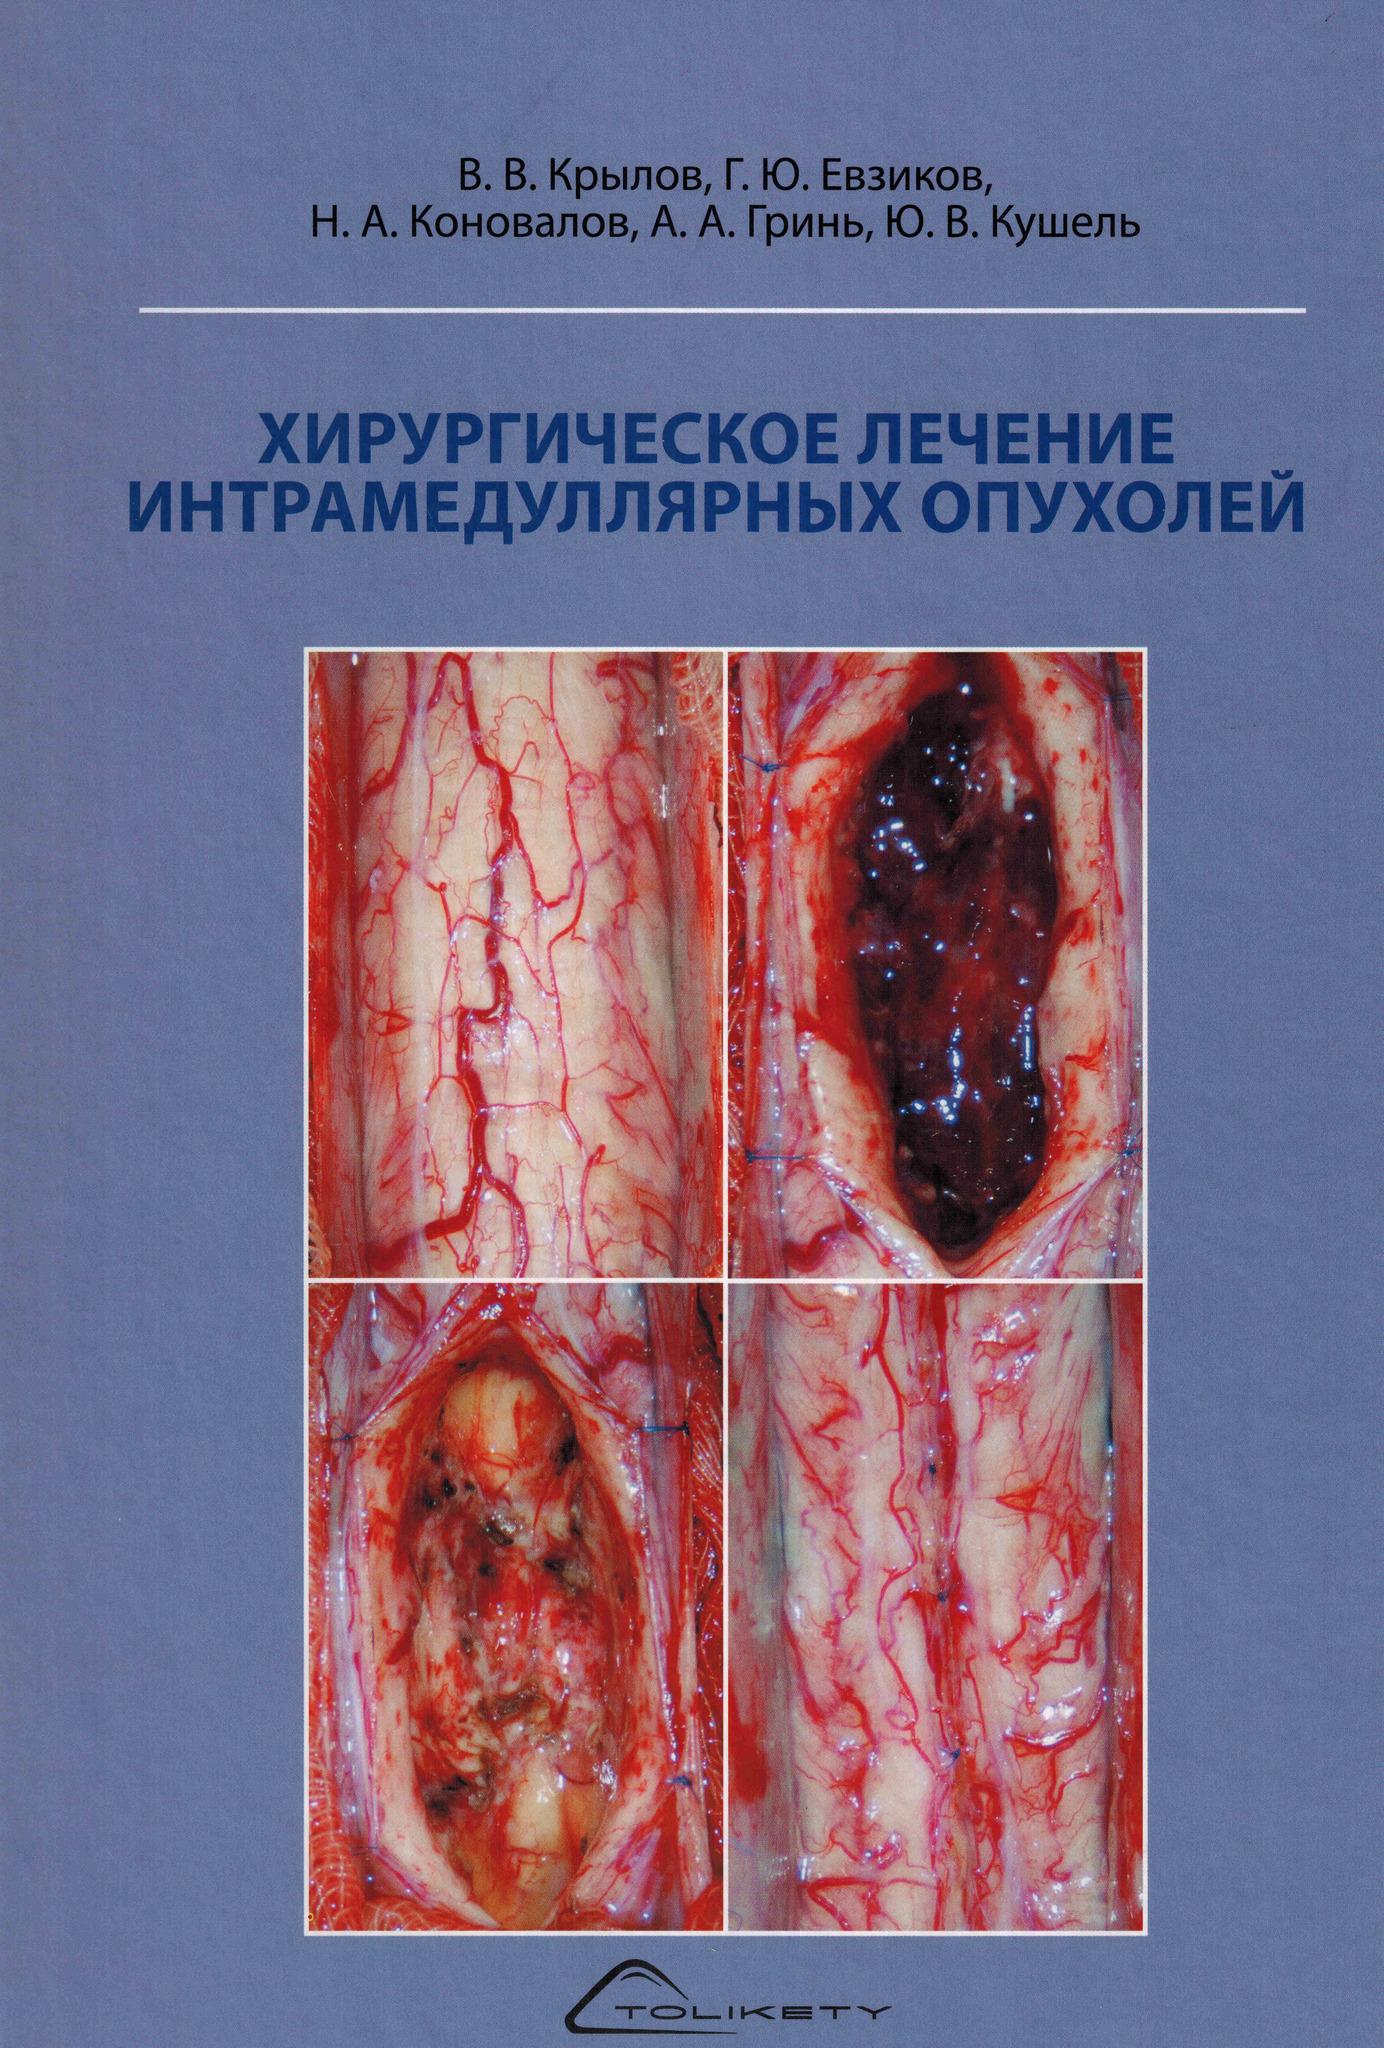 Новинки Хирургическое лечение интрамедуллярных опухолей hir_lech_intra_opuh.jpg